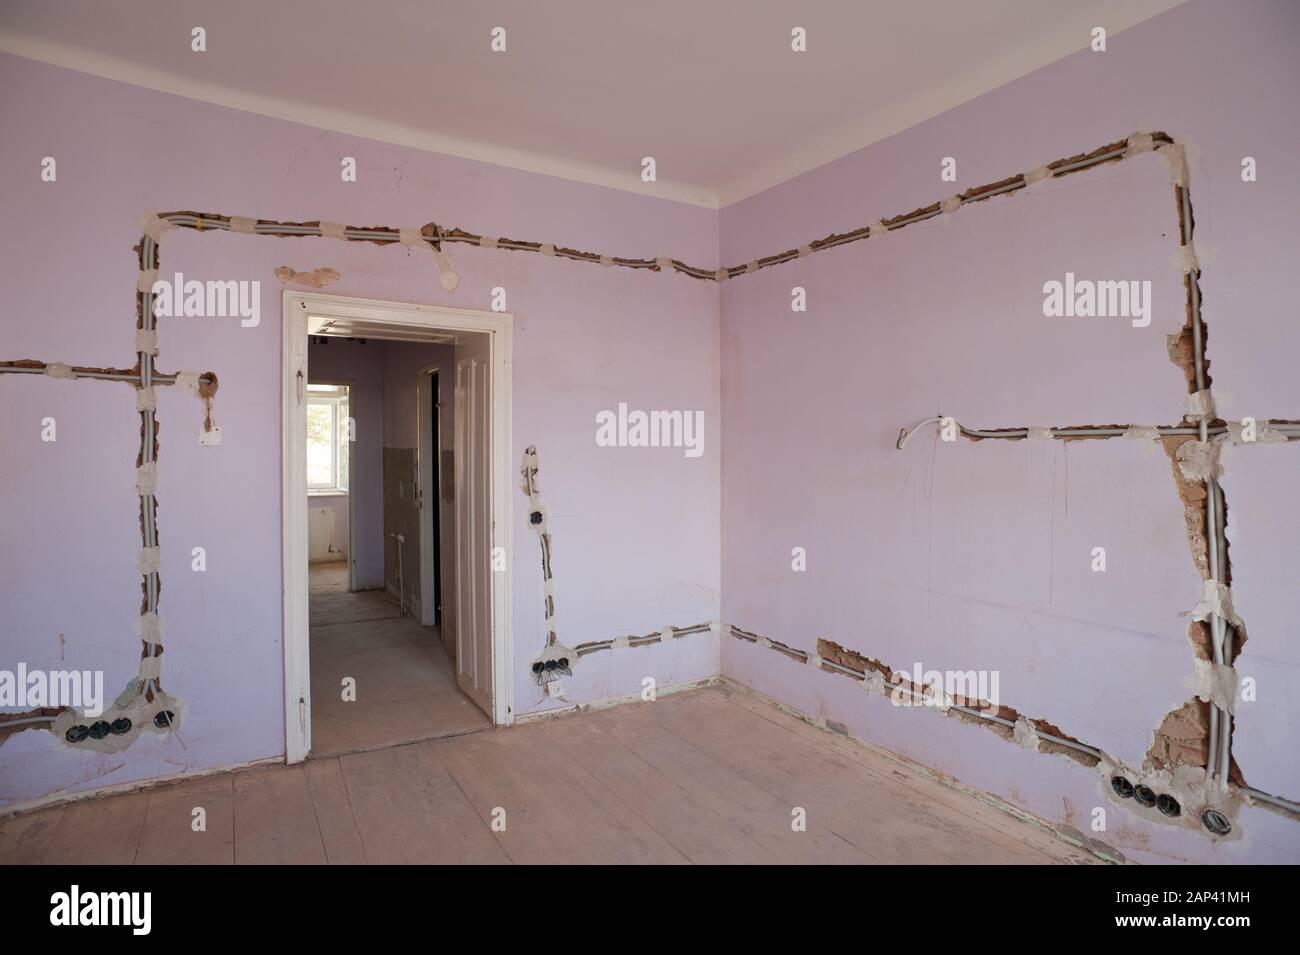 Sanierung einer Altbauwohnung - Renovation of an old flat Stock Photo